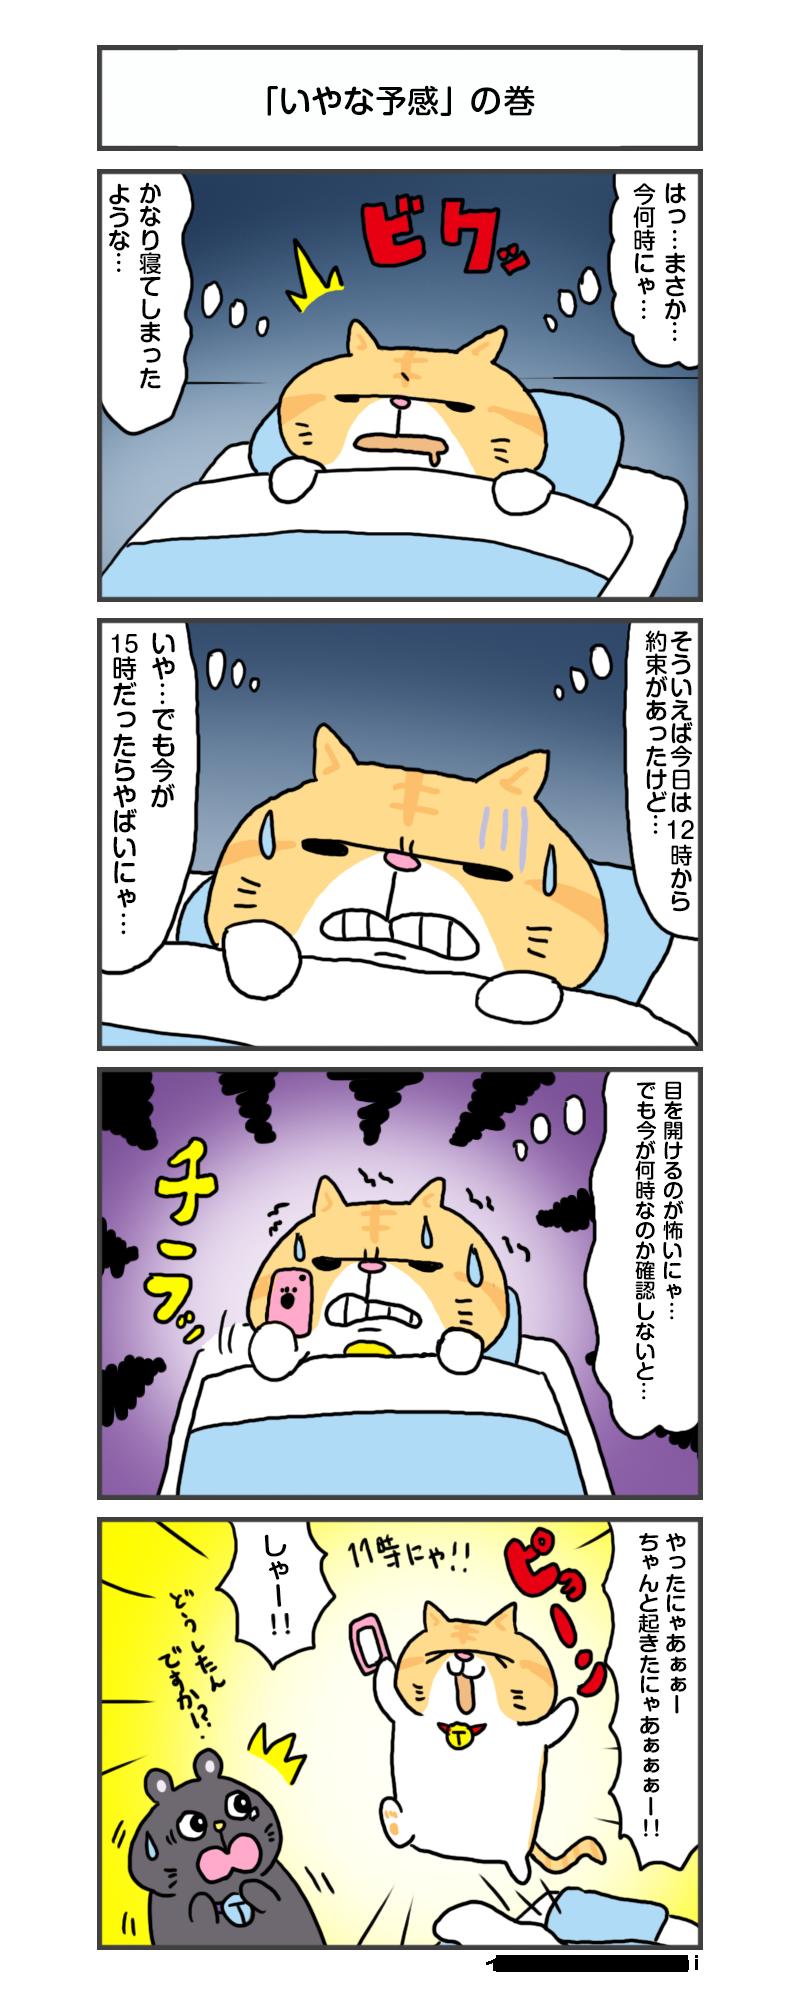 縺医″縺昴y縺・anga_vol.204